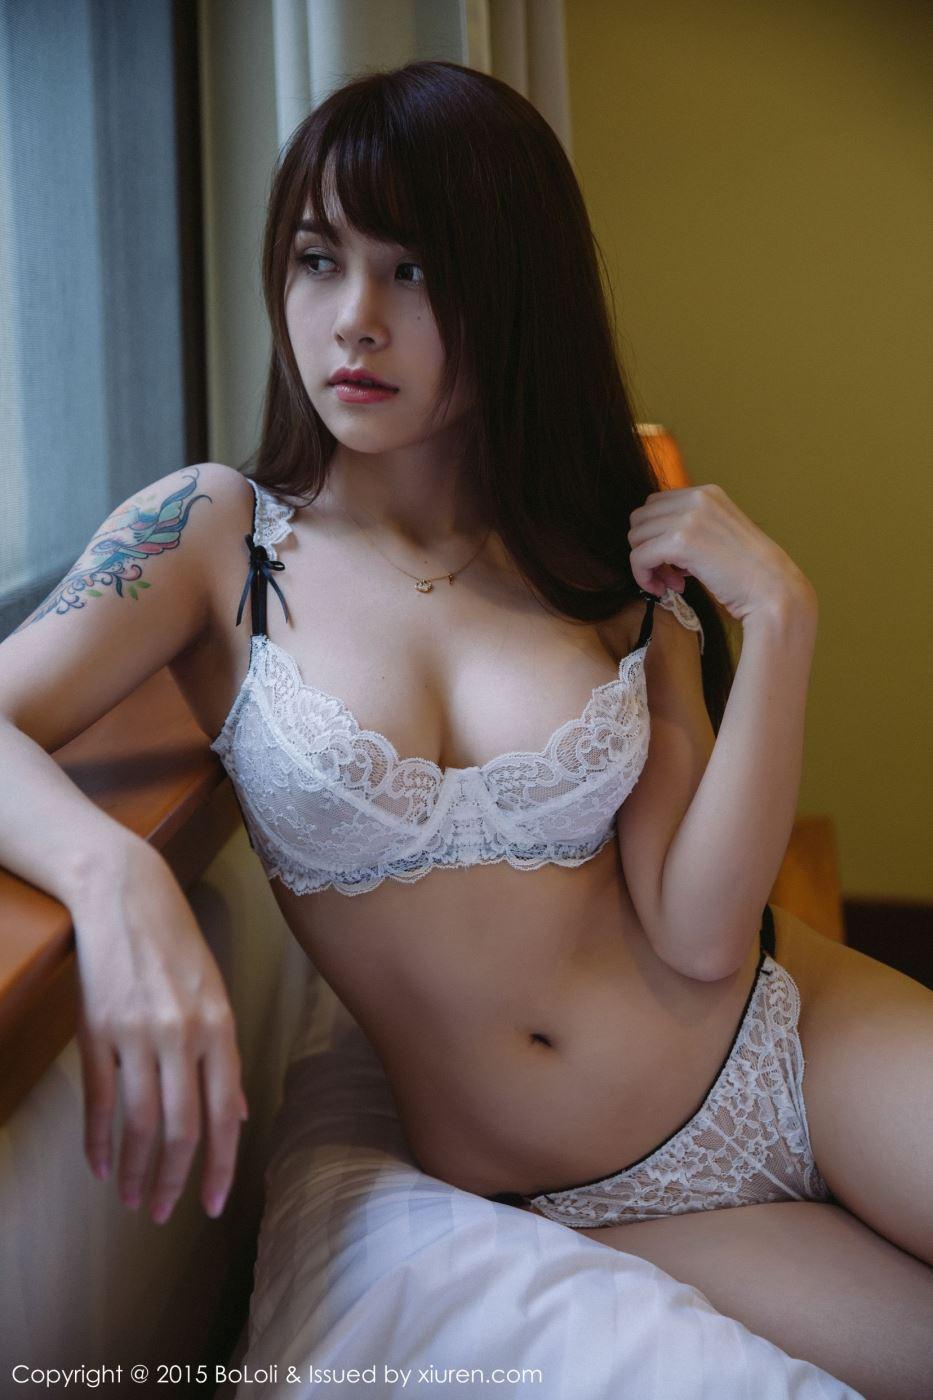 肥臀巨乳美女夏美酱无圣光大尺度内衣诱惑私房套图